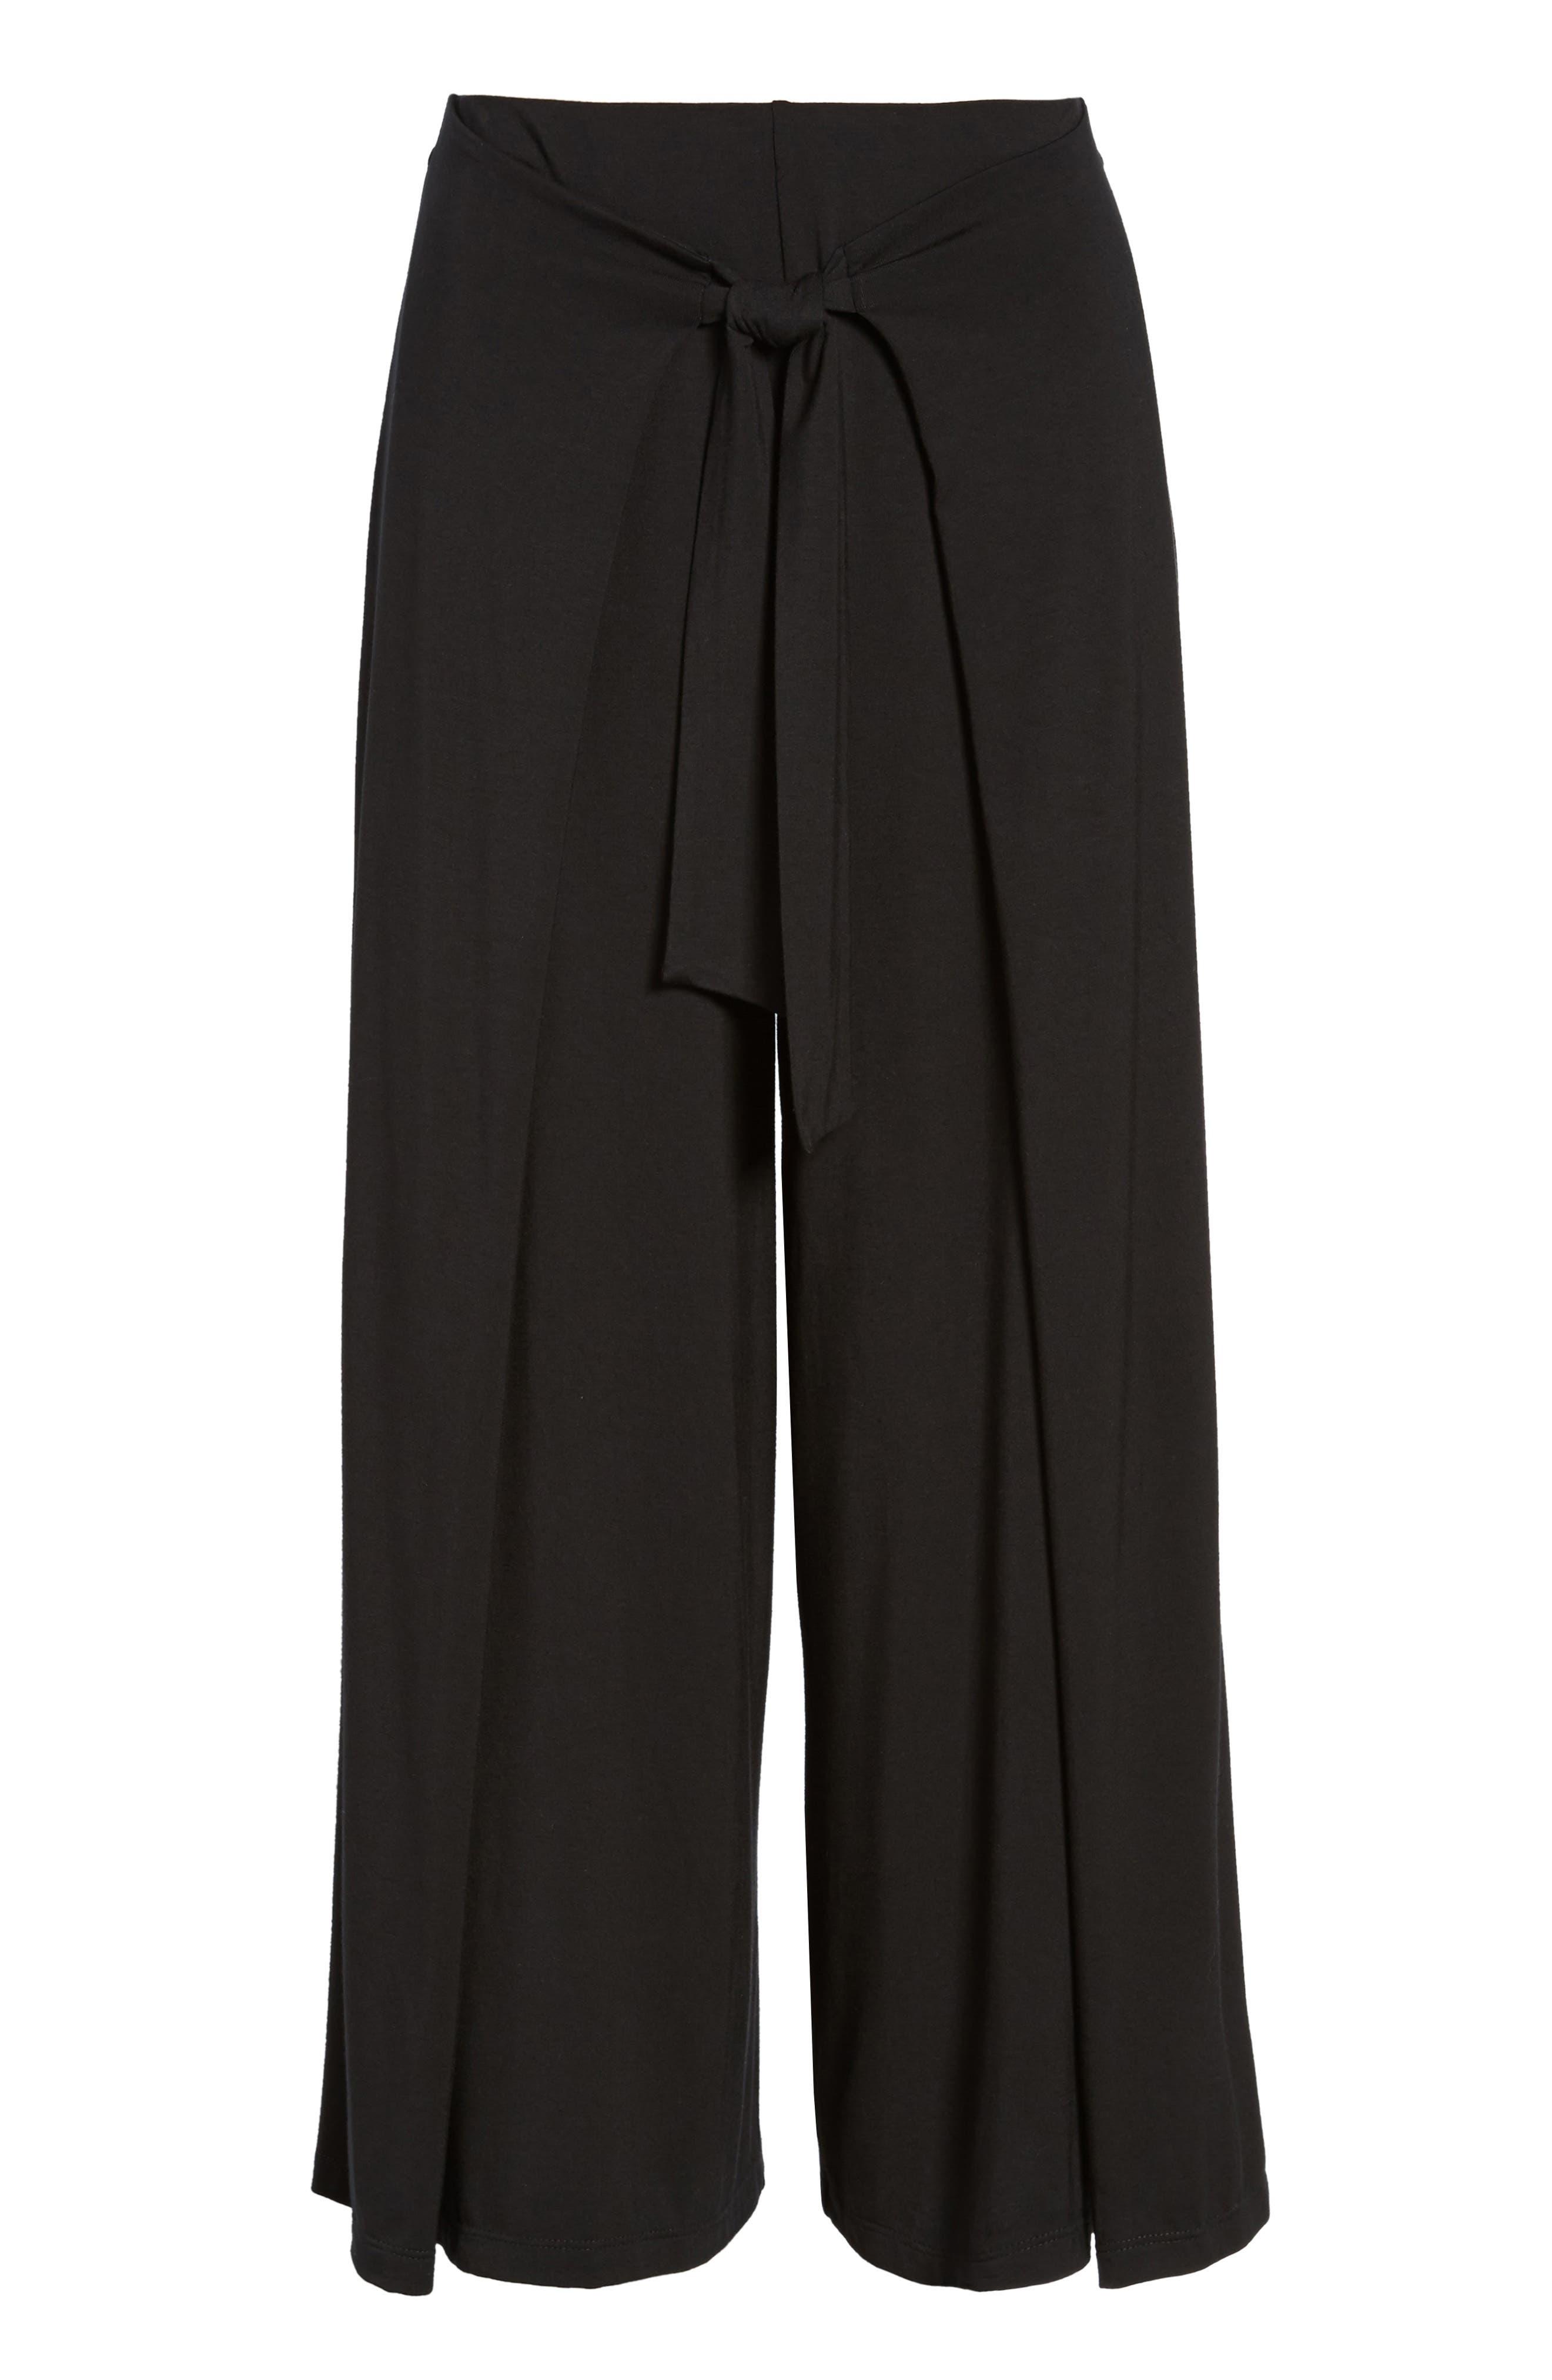 Tie Front Wide Leg Pants,                             Alternate thumbnail 6, color,                             Black